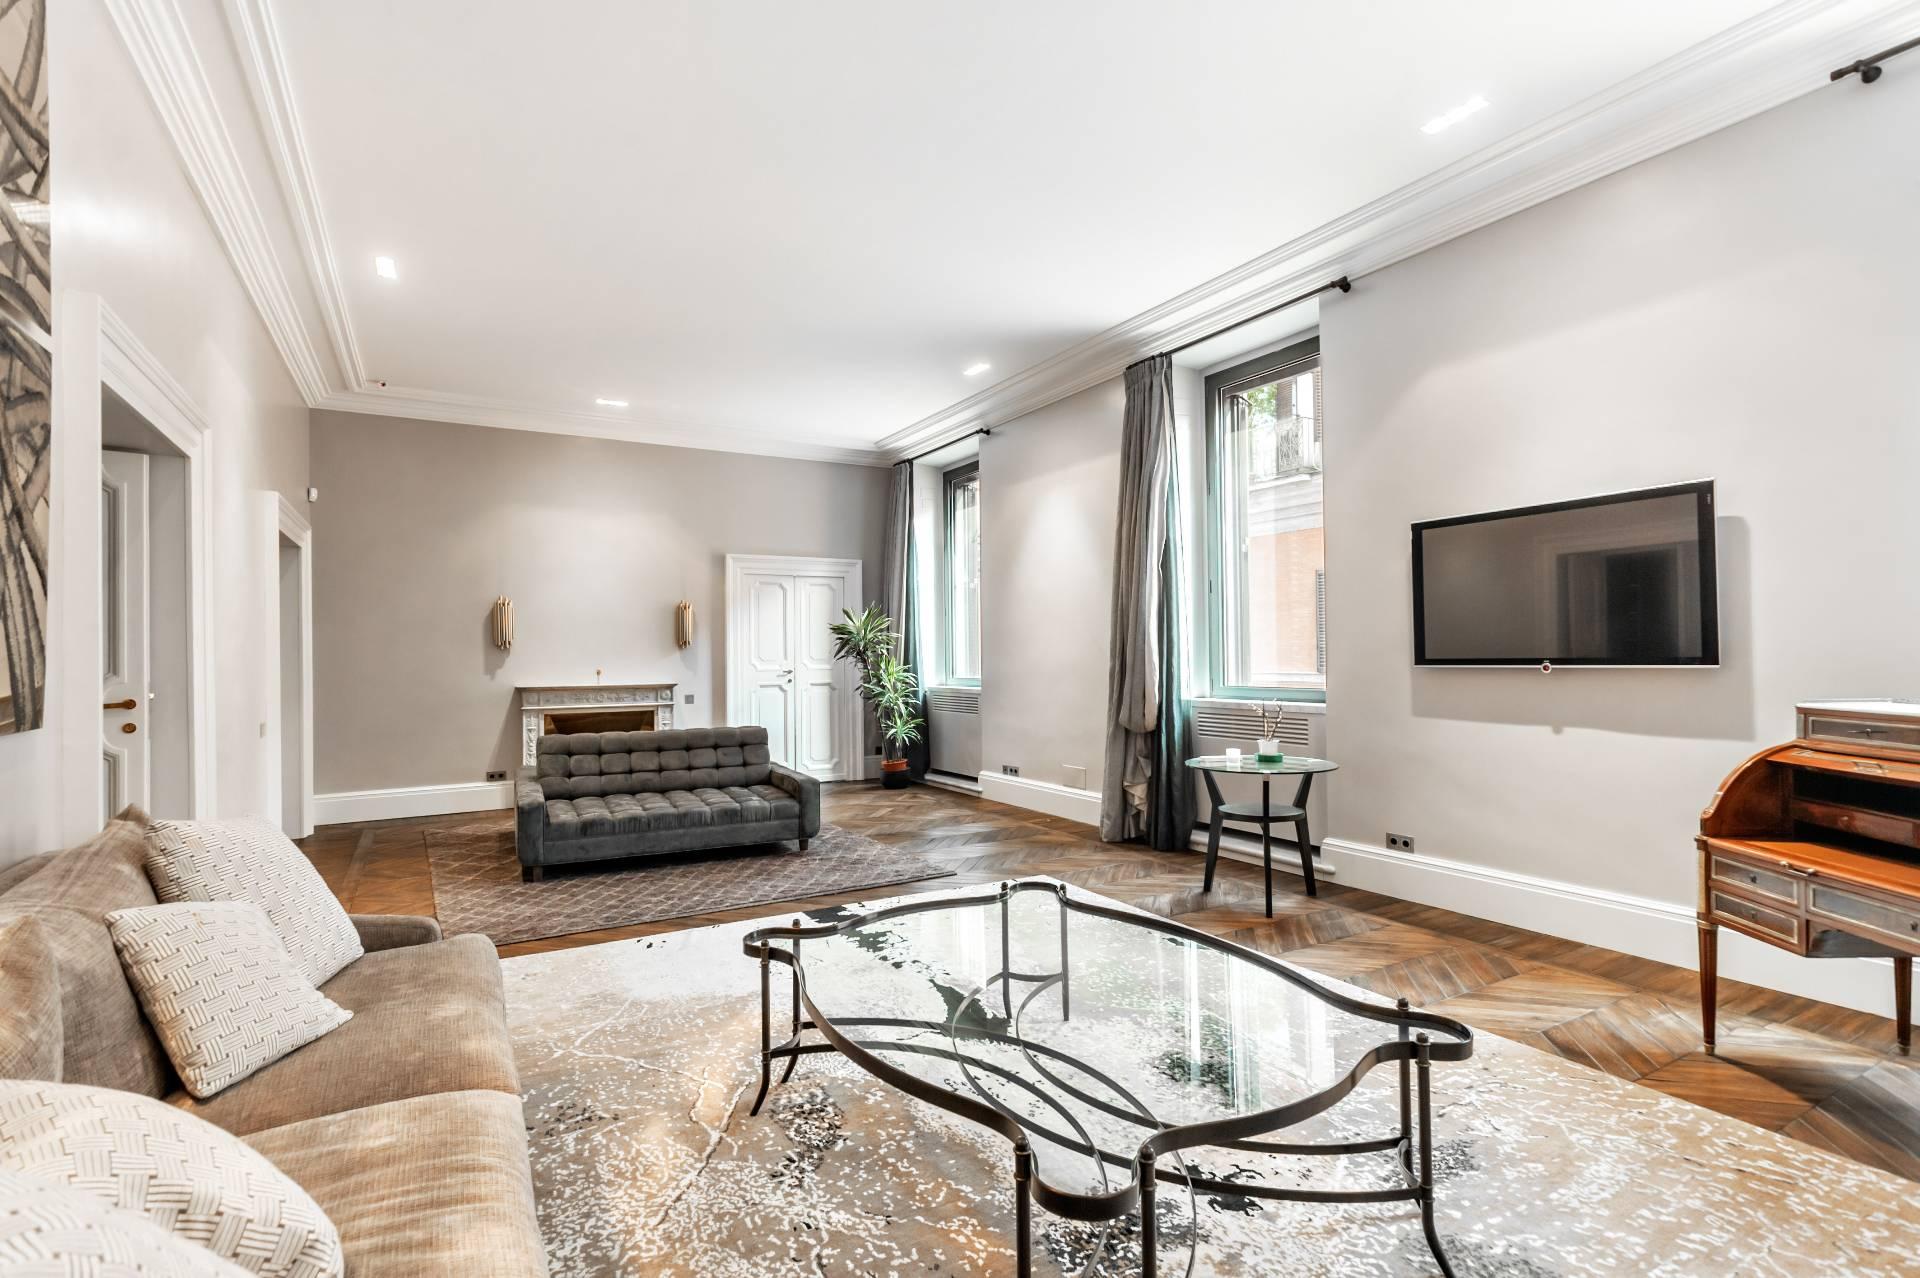 Cbi038 644 3632 appartamento in vendita a roma centro for Vendita appartamenti centro storico roma